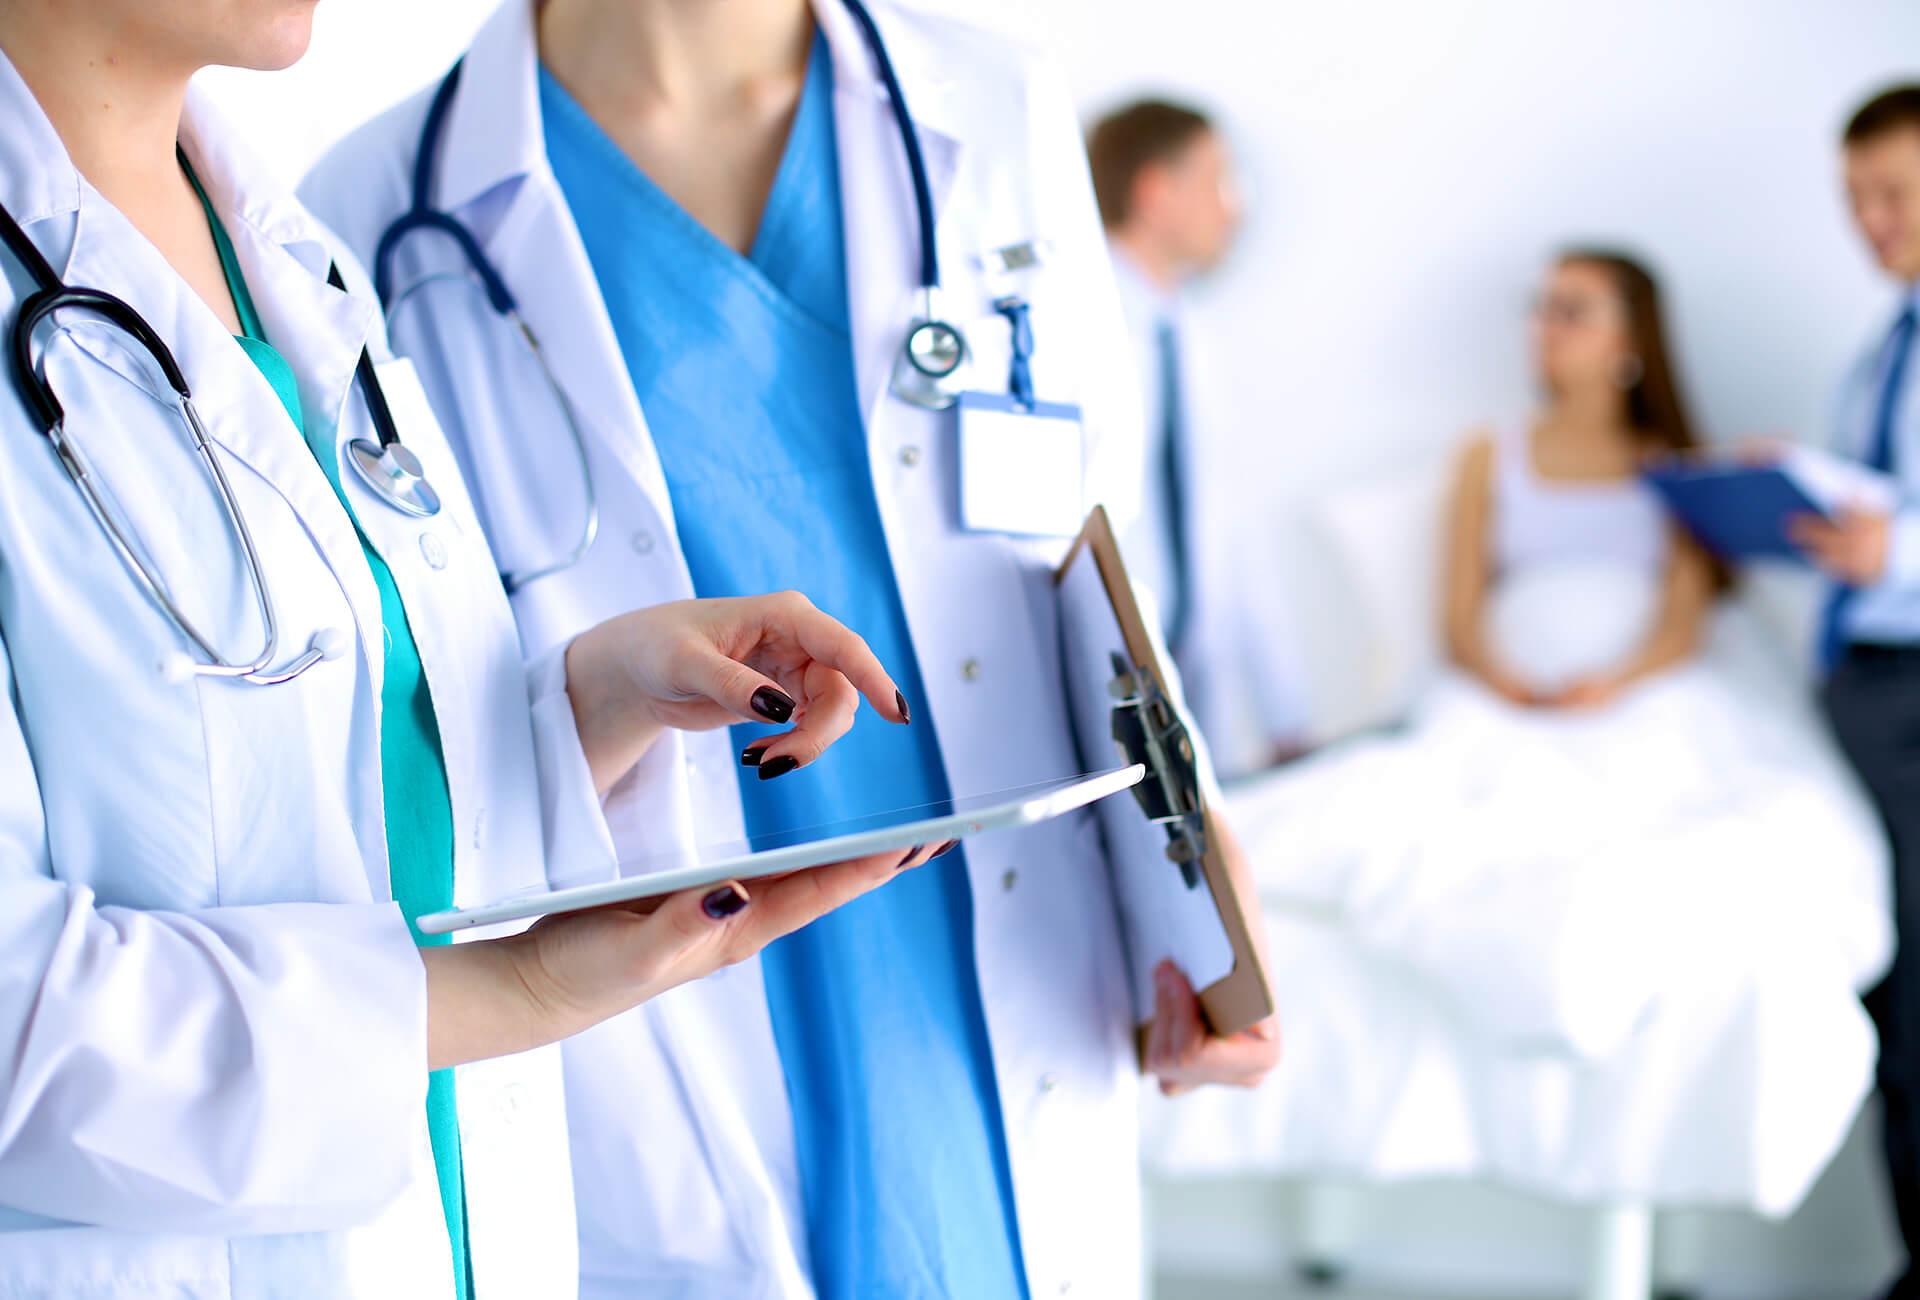 專業團隊-尼斯診所